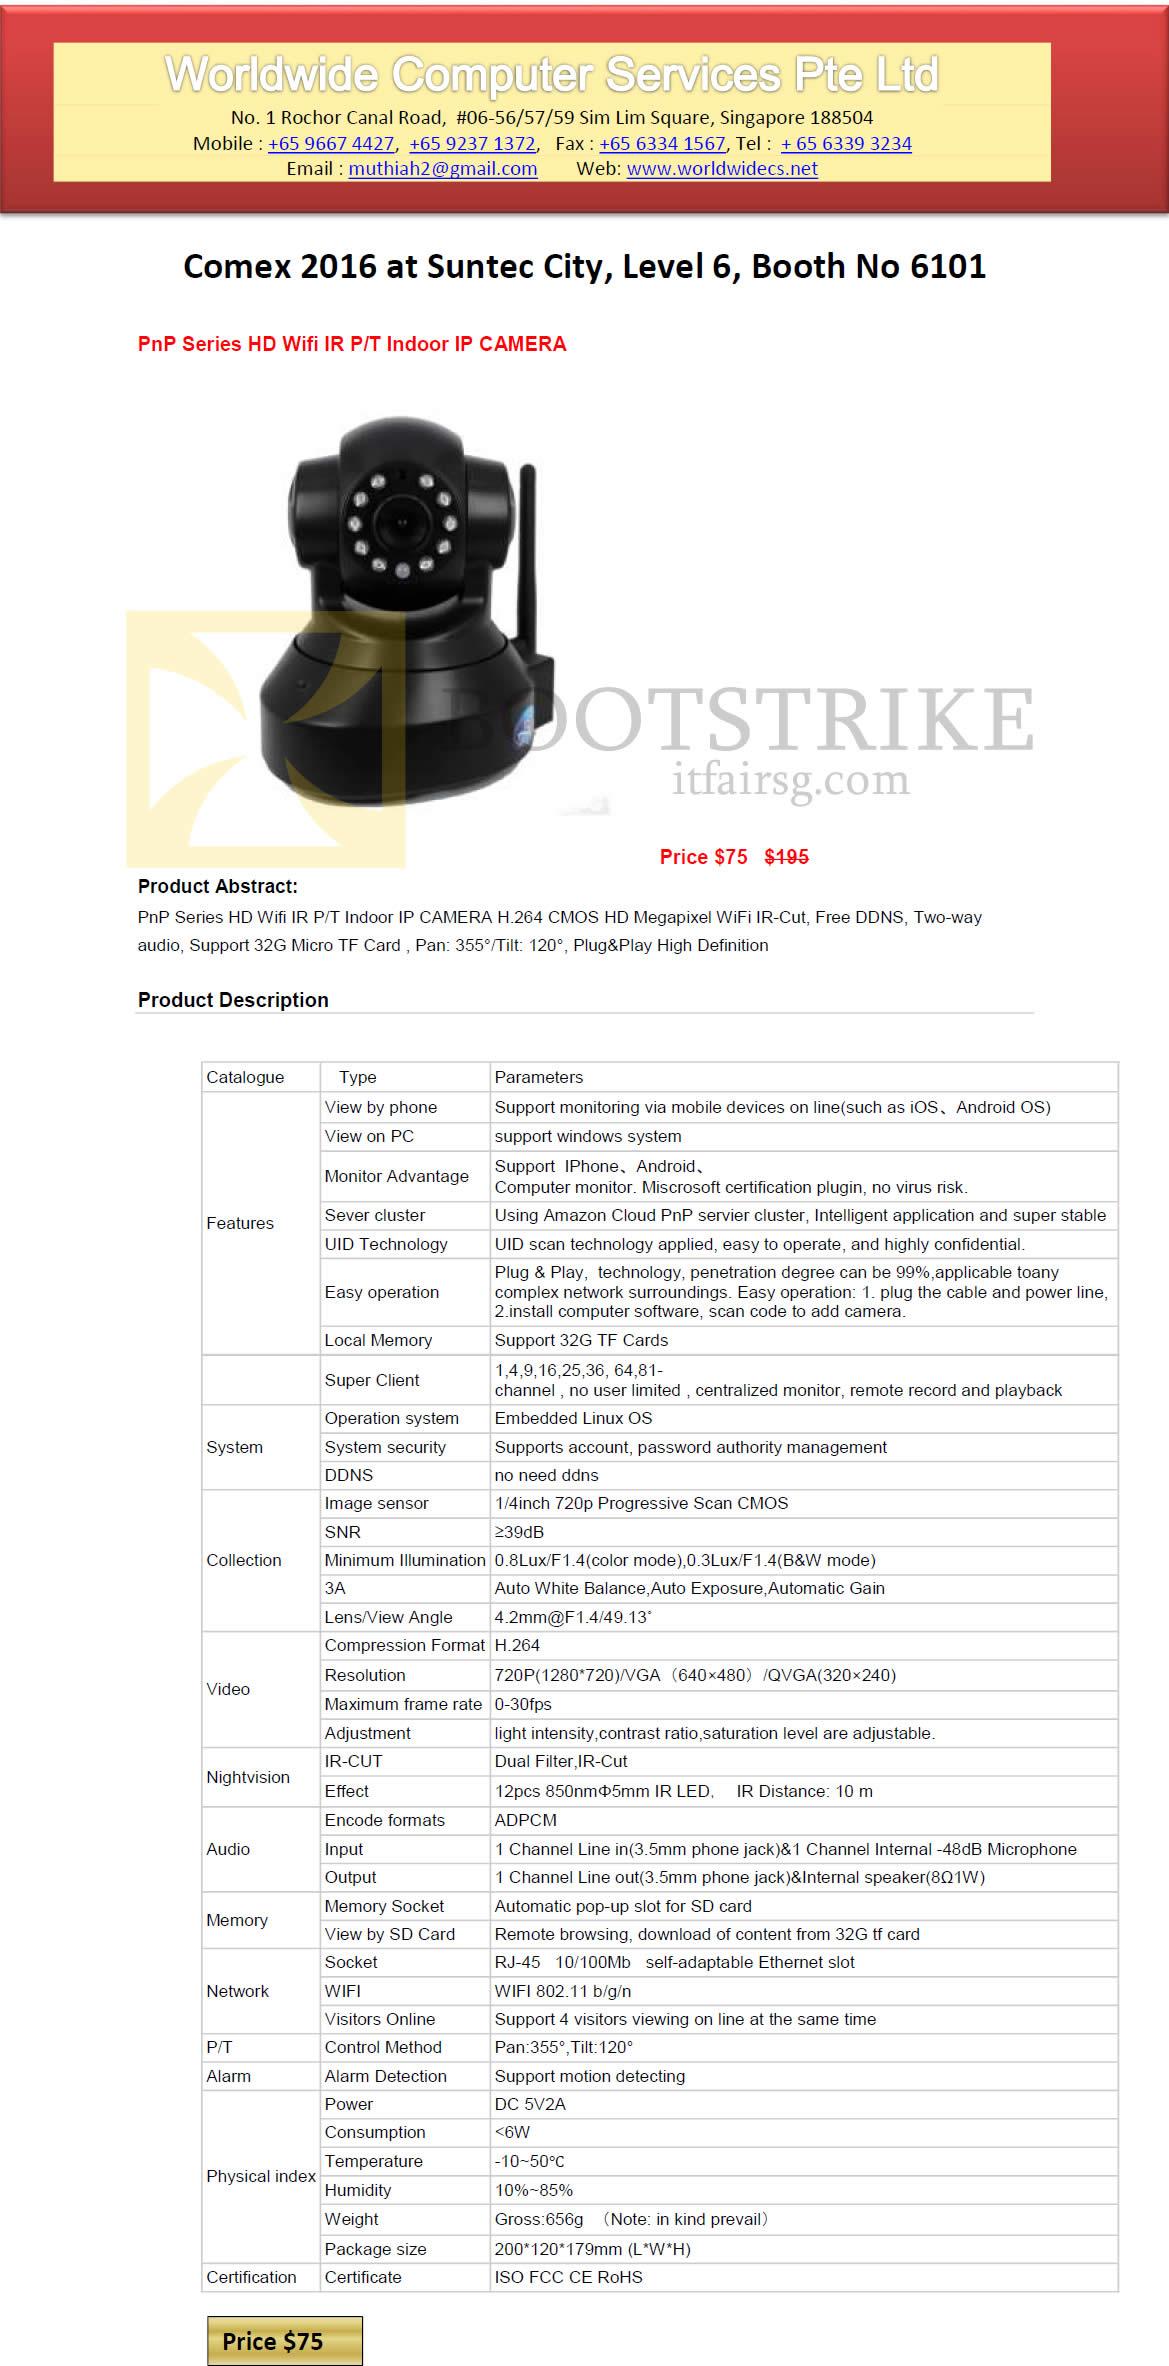 COMEX 2016 price list image brochure of Worldwide Computer Indoor IP Camera PnP Series HD Wifi IR